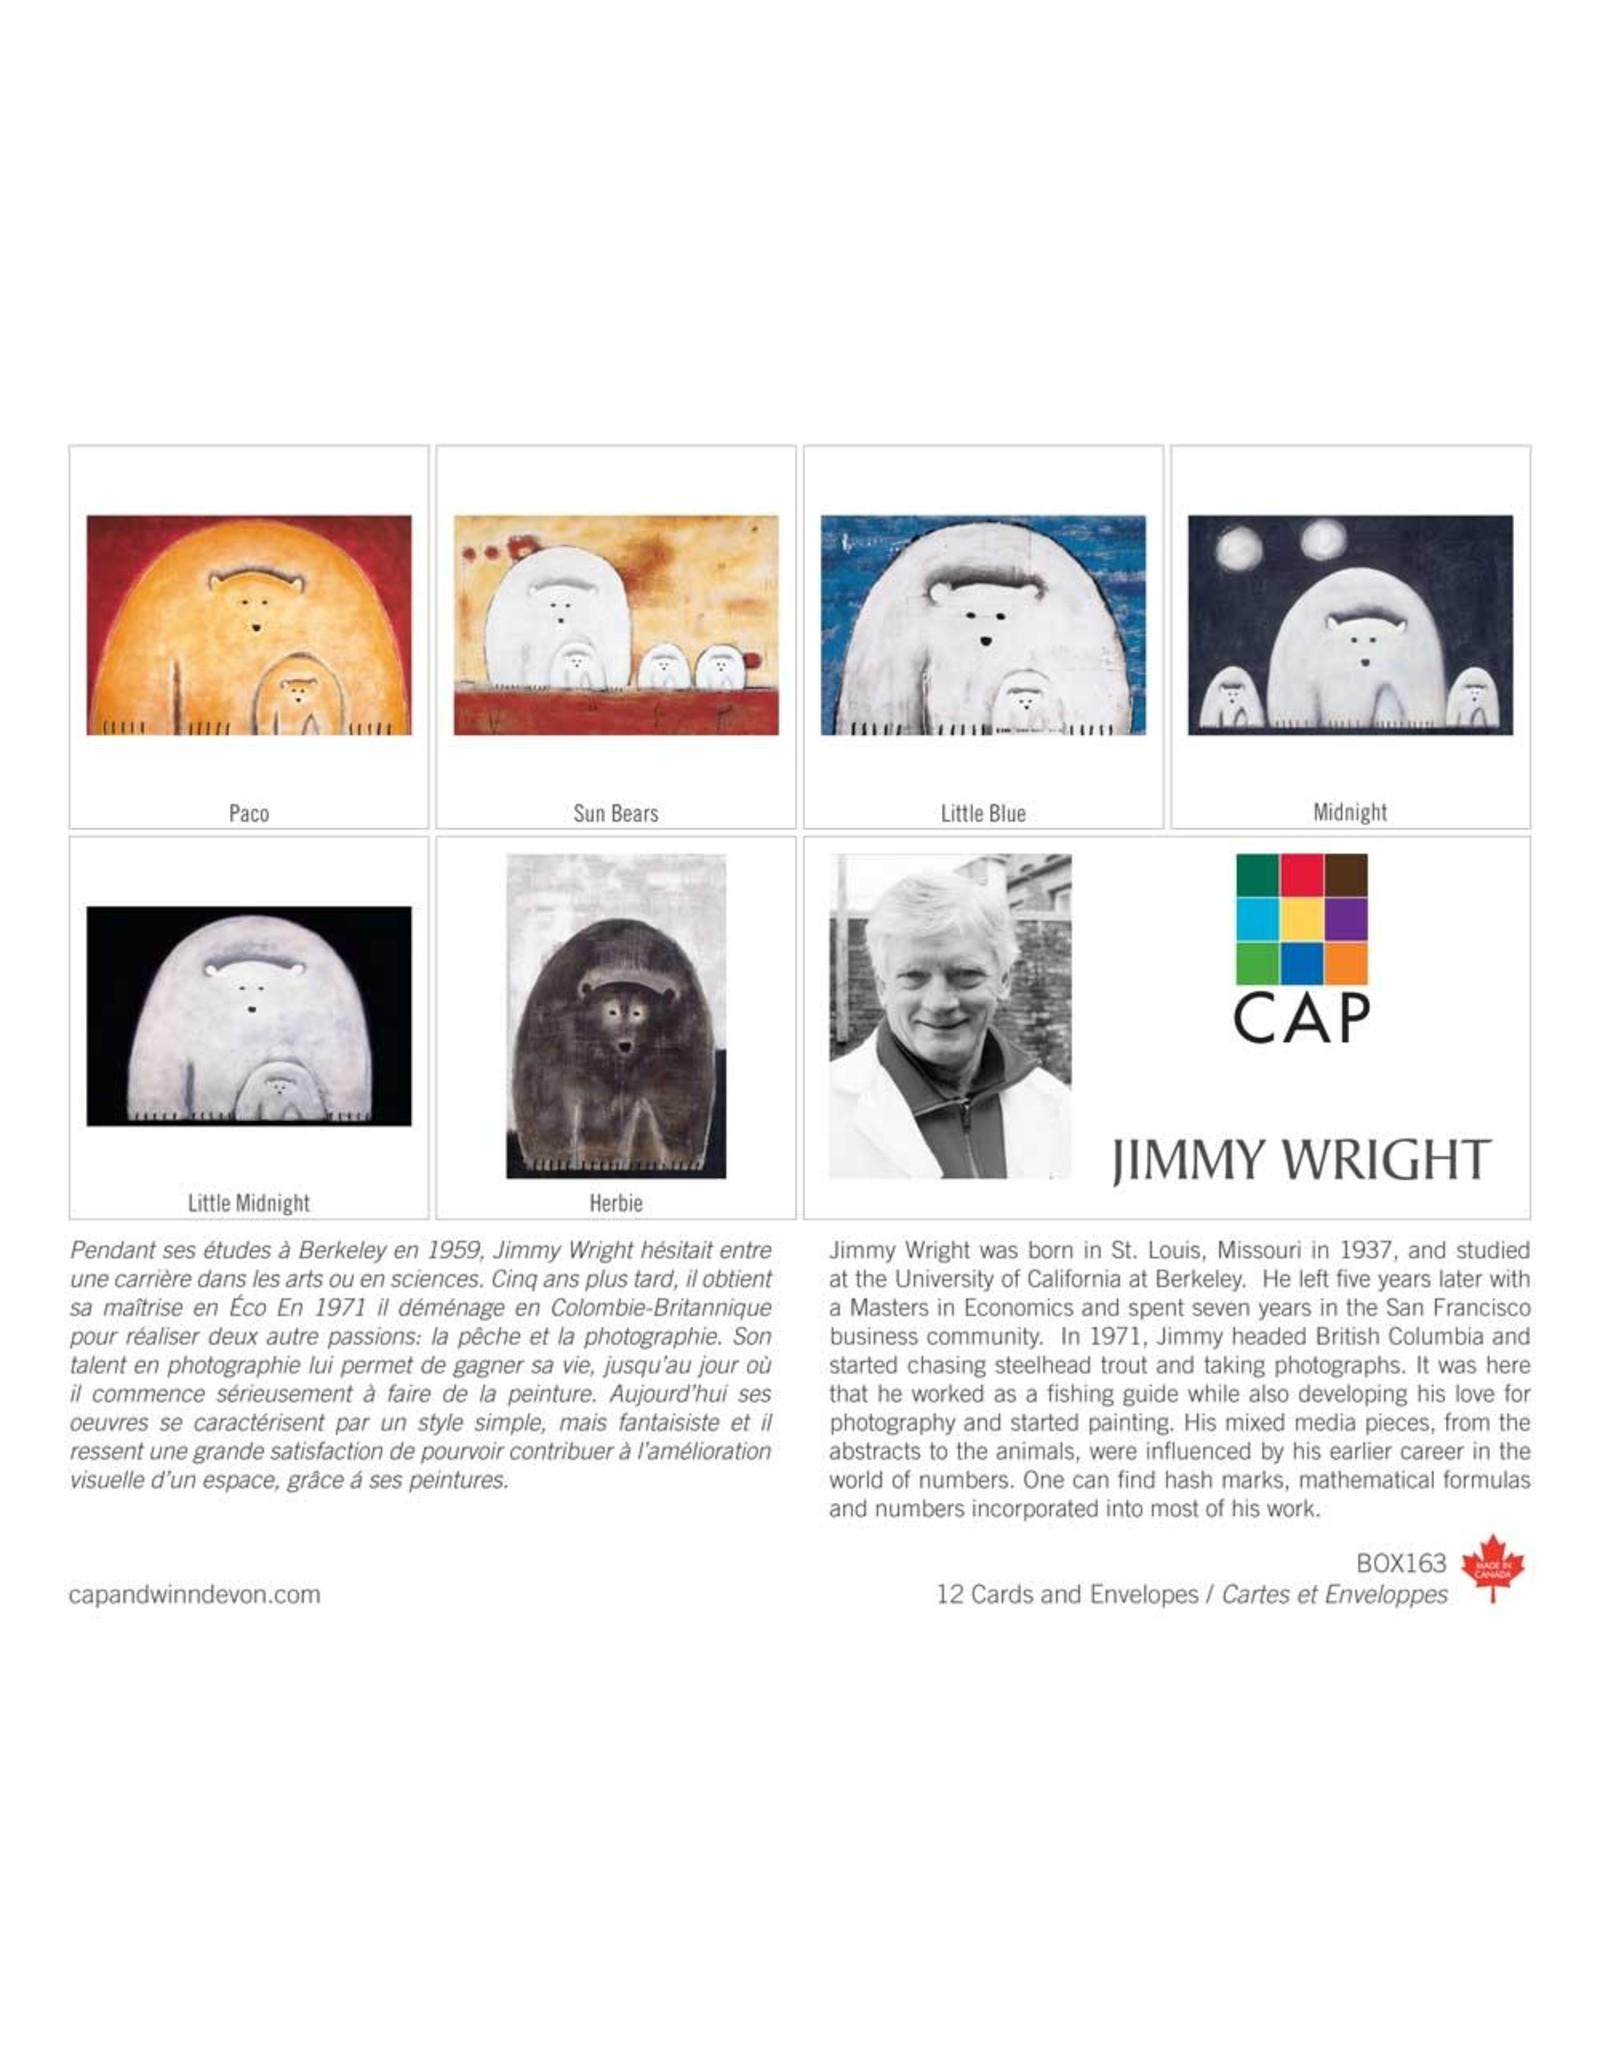 Jimmy Wright 12 Card Box - Box 163